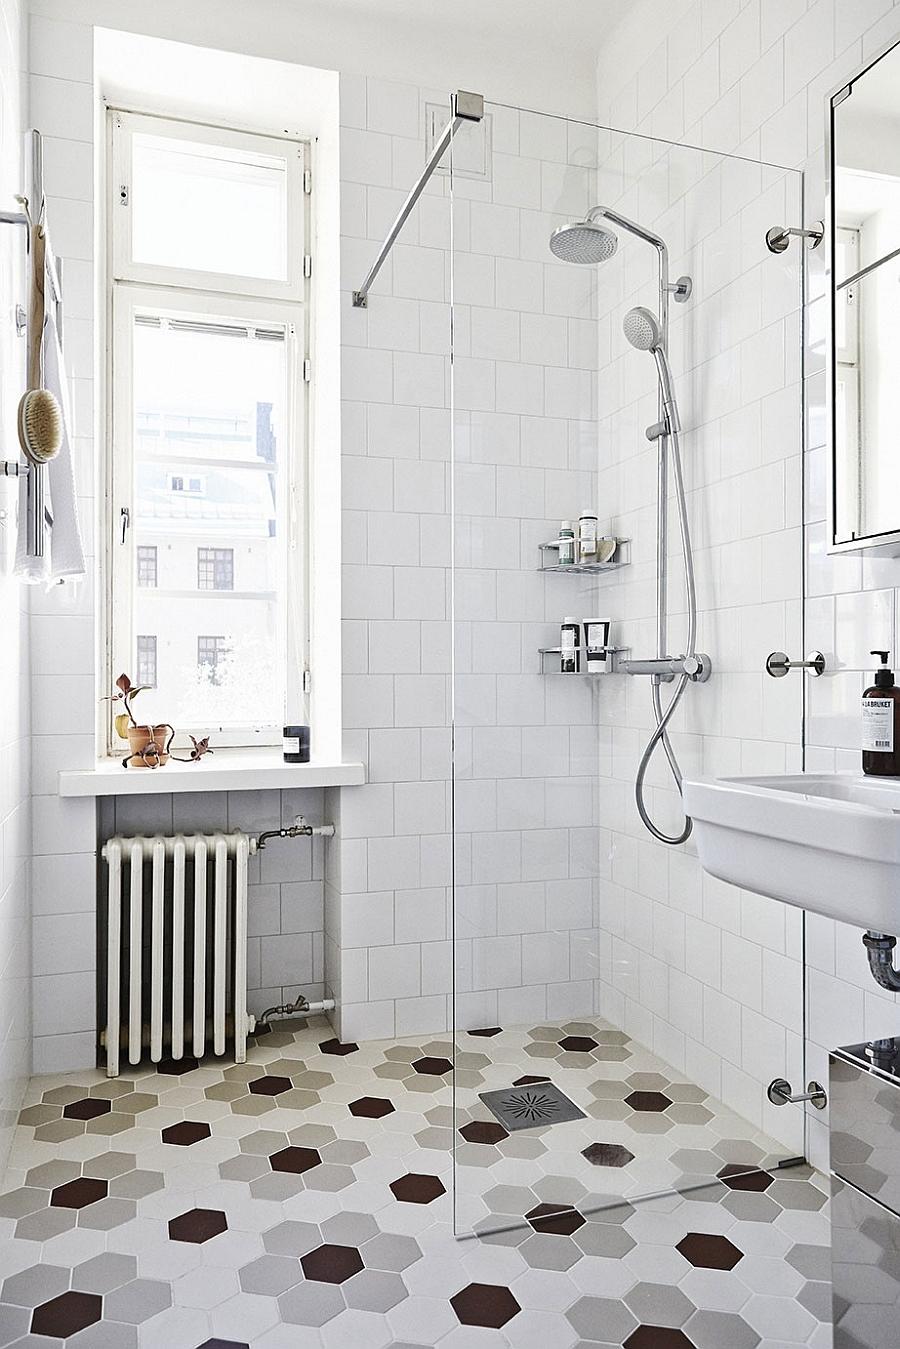 Hexagonal floor tile for the Scandinavian bathroom